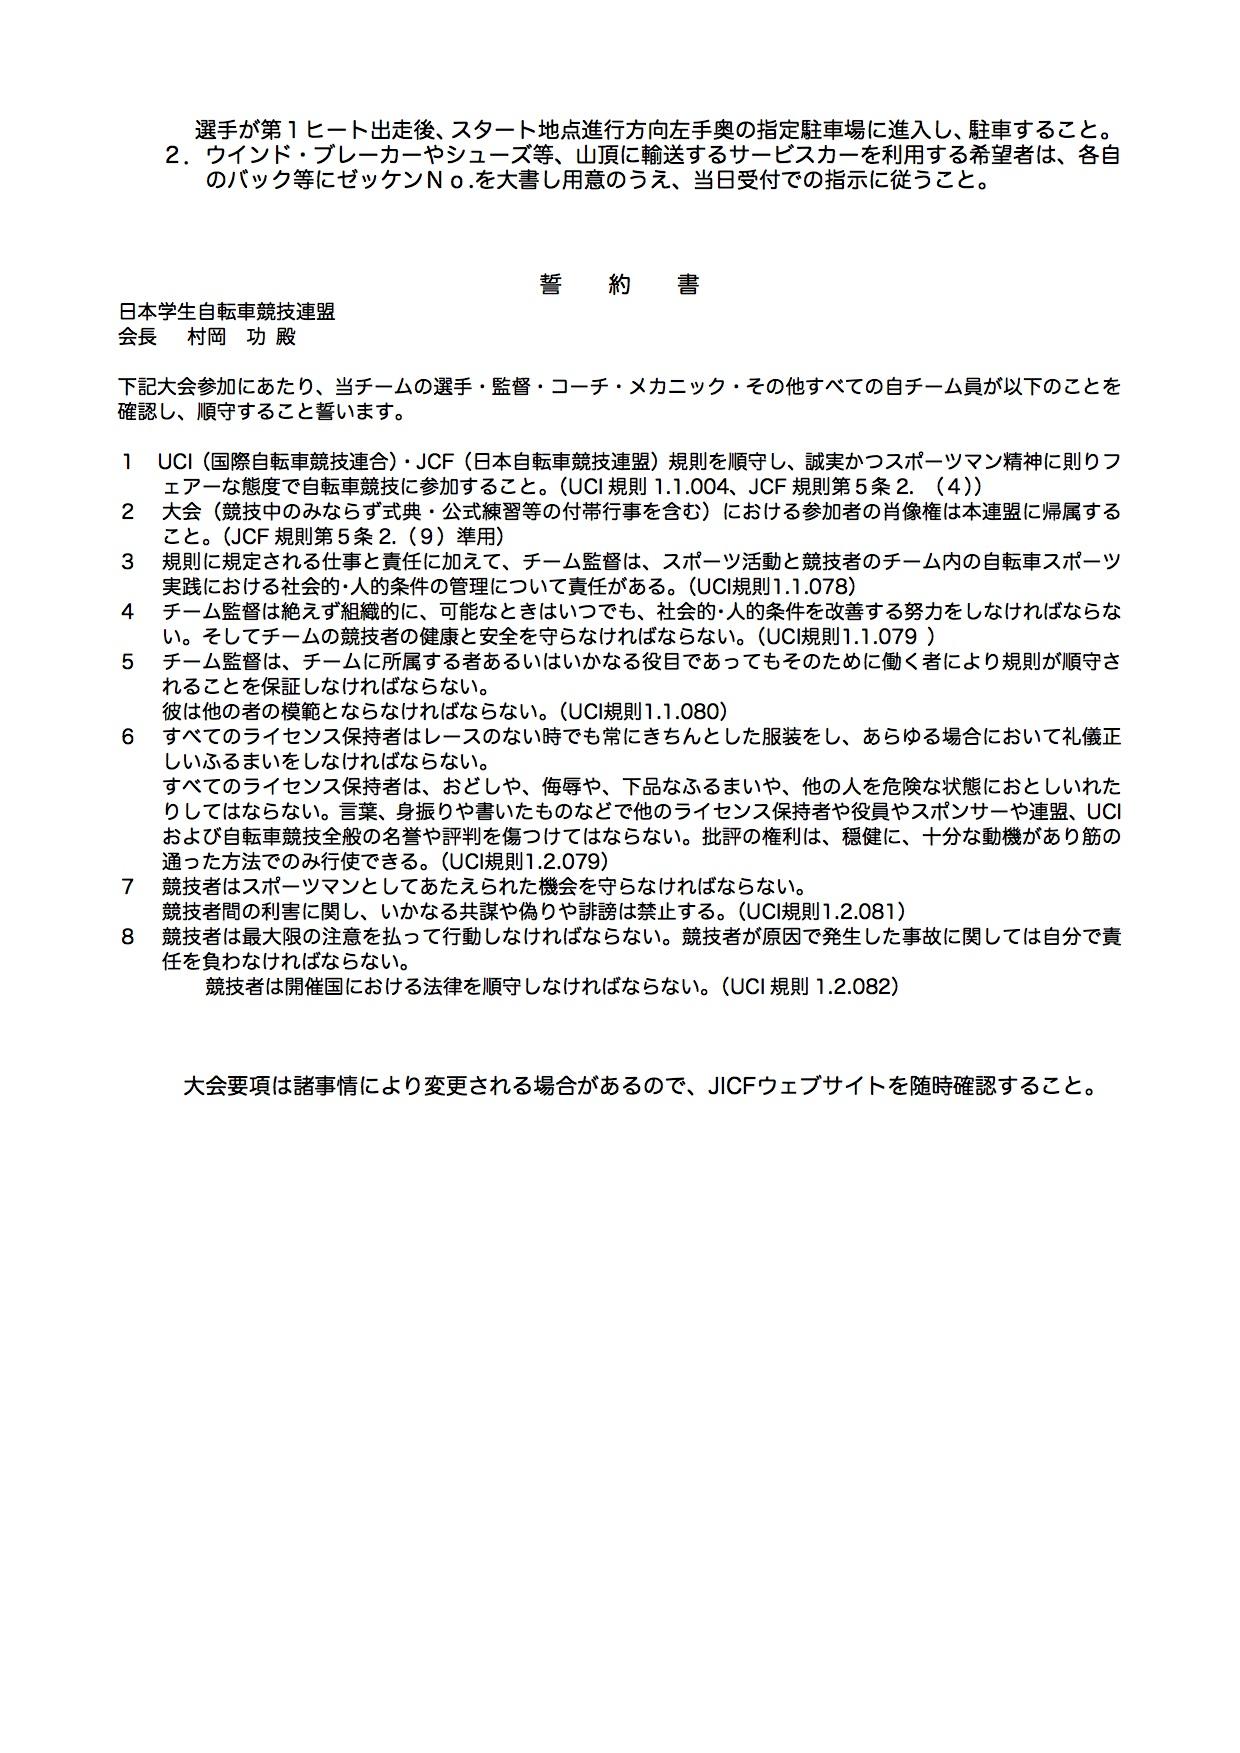 16rcs07_yoko_160804_03